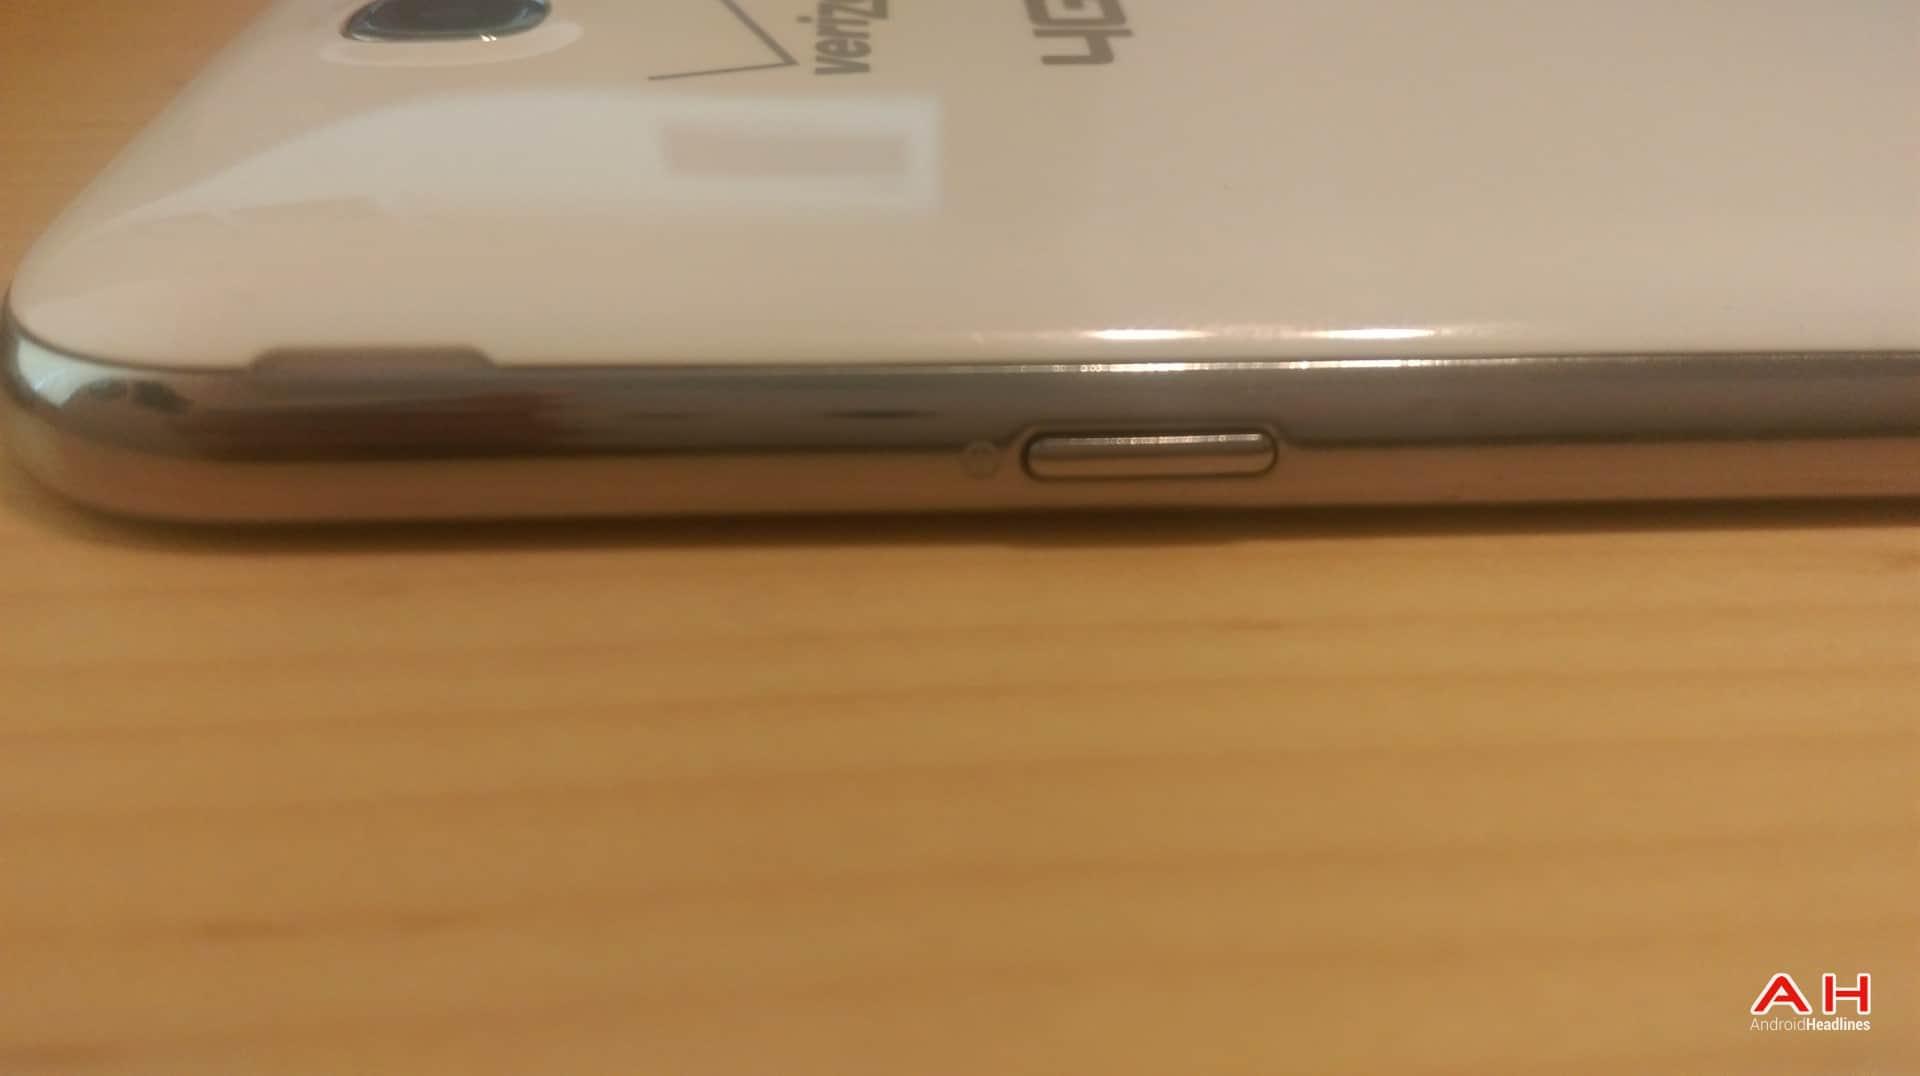 AH Galaxy Note II 8